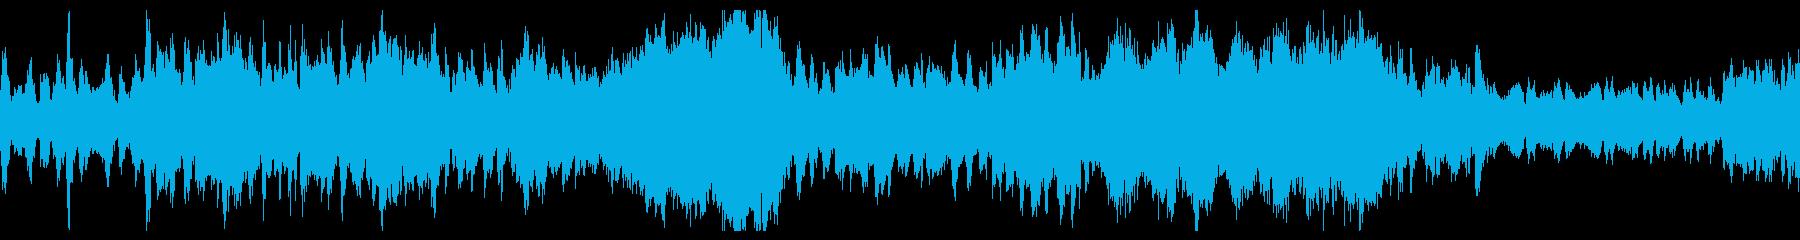 優雅なオーケストラによるワルツの再生済みの波形